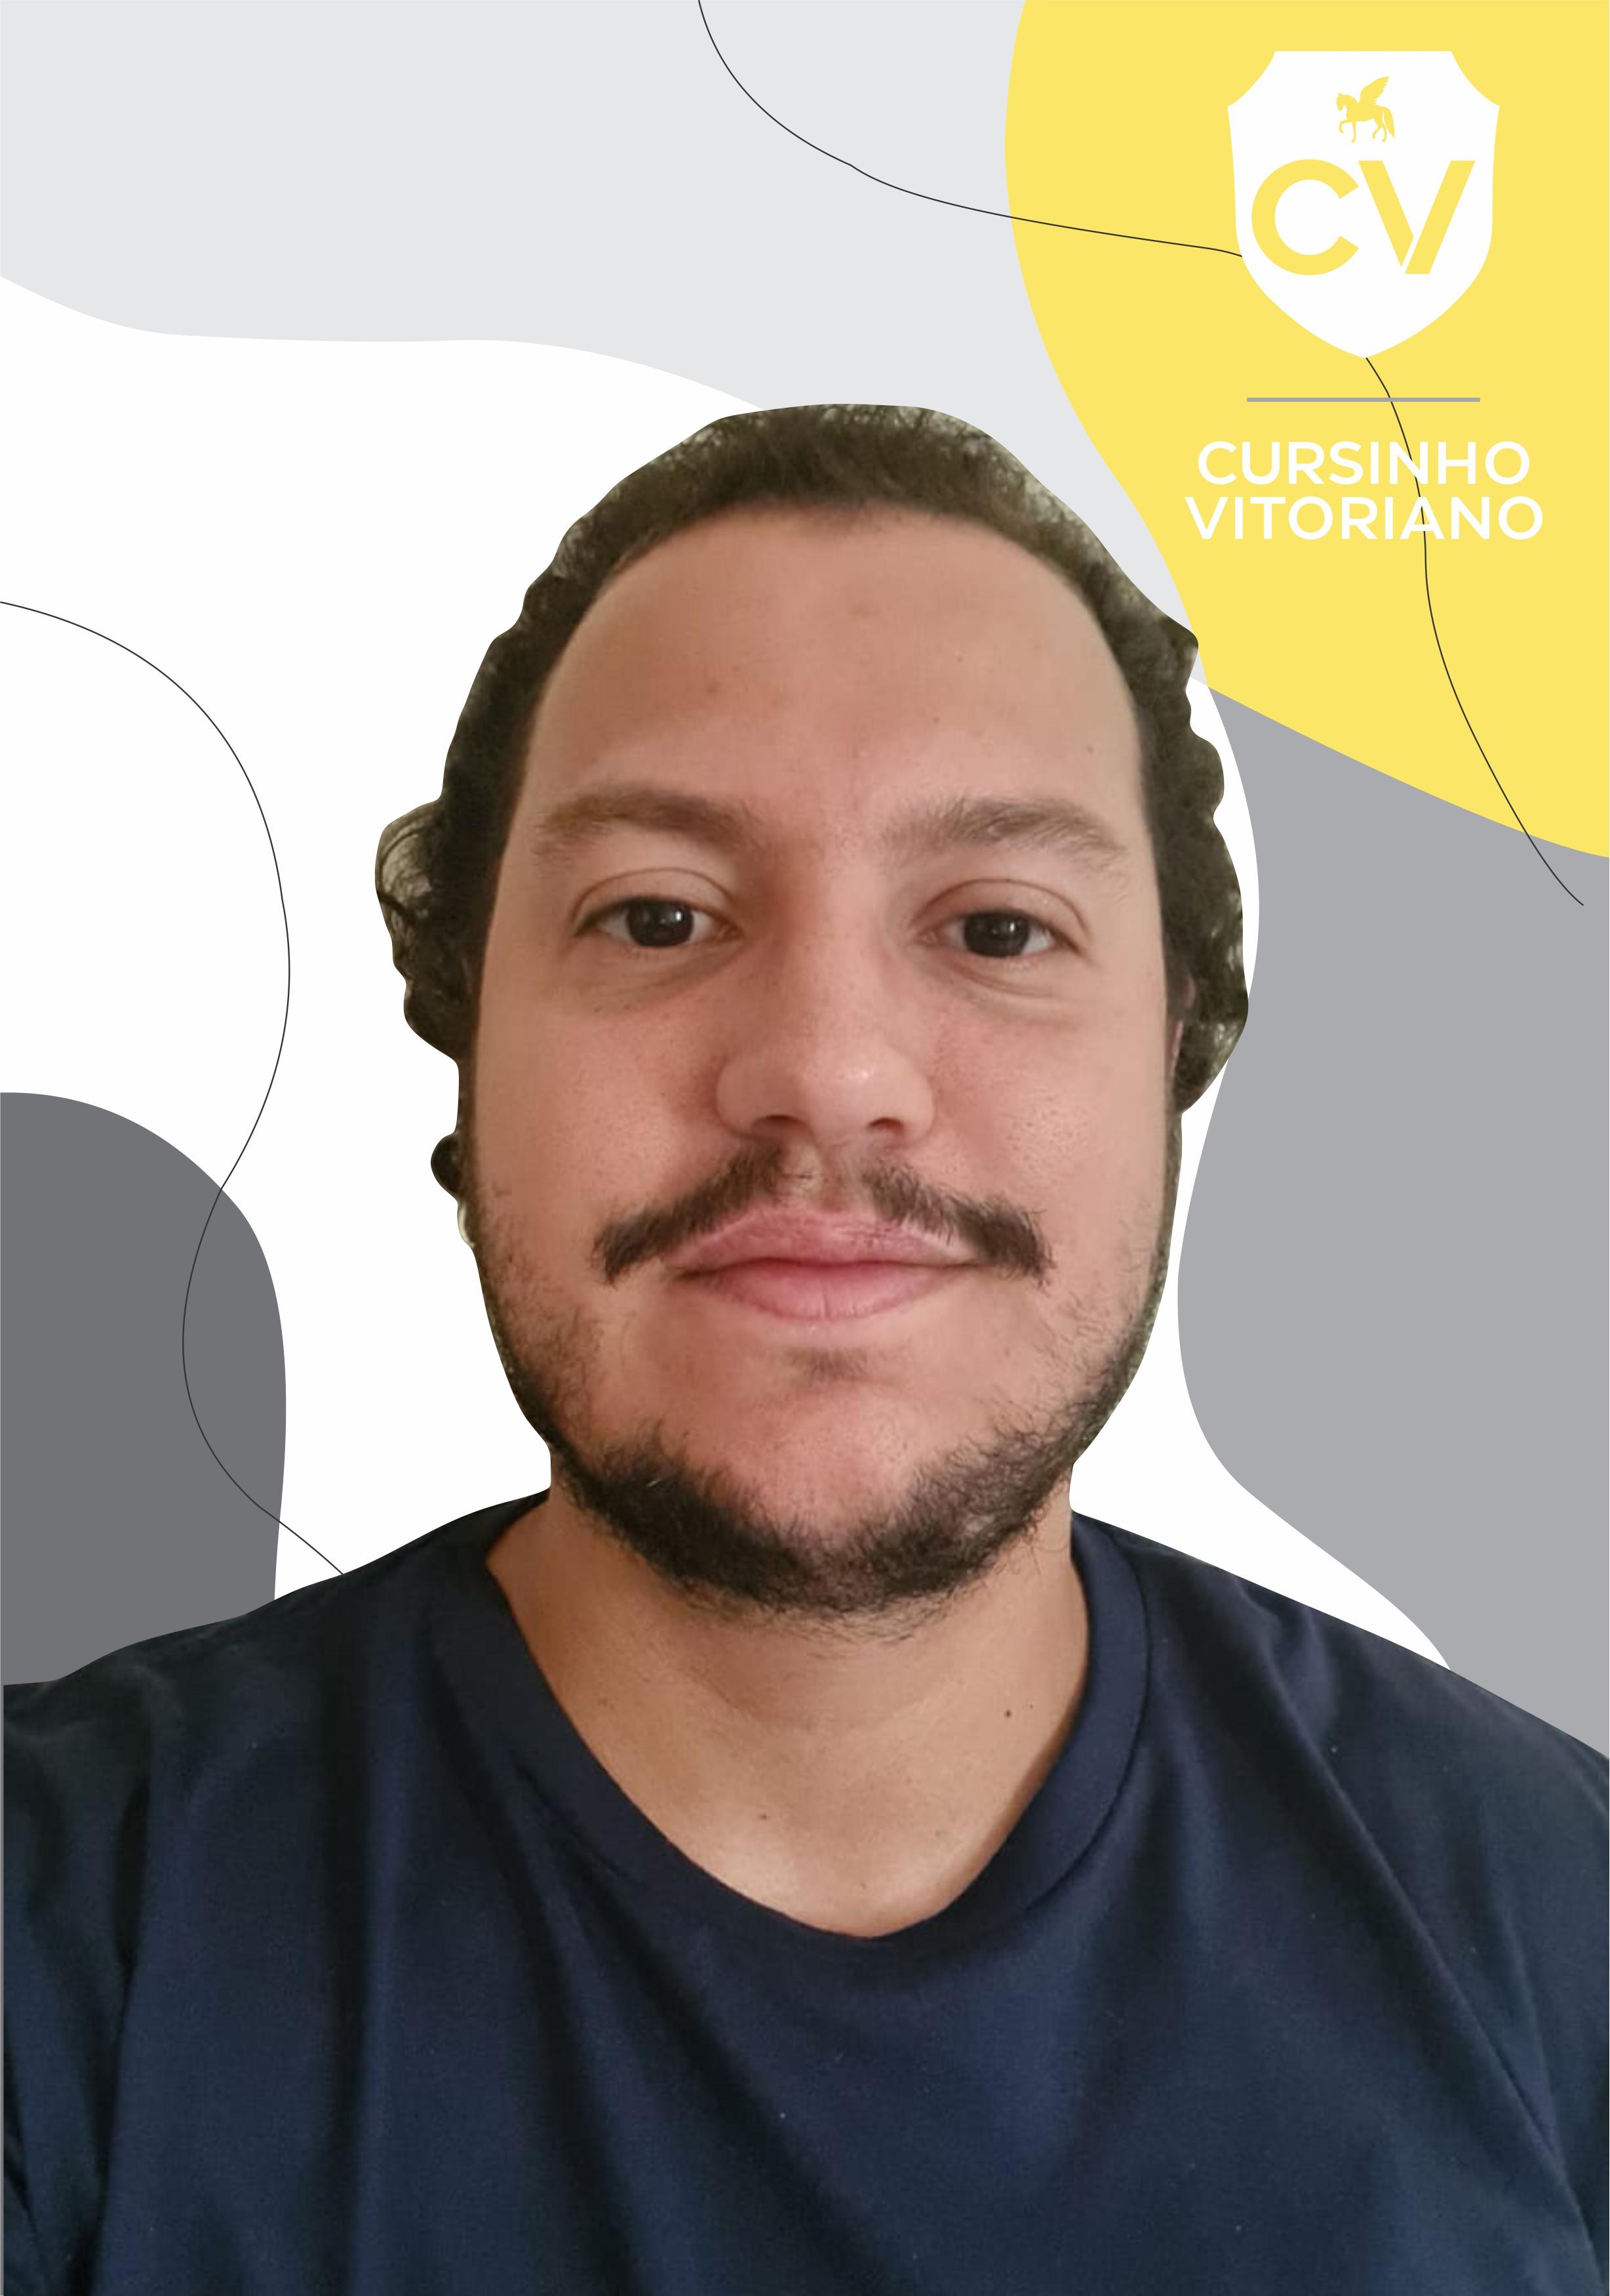 José Guilherme Pessoa Trindade